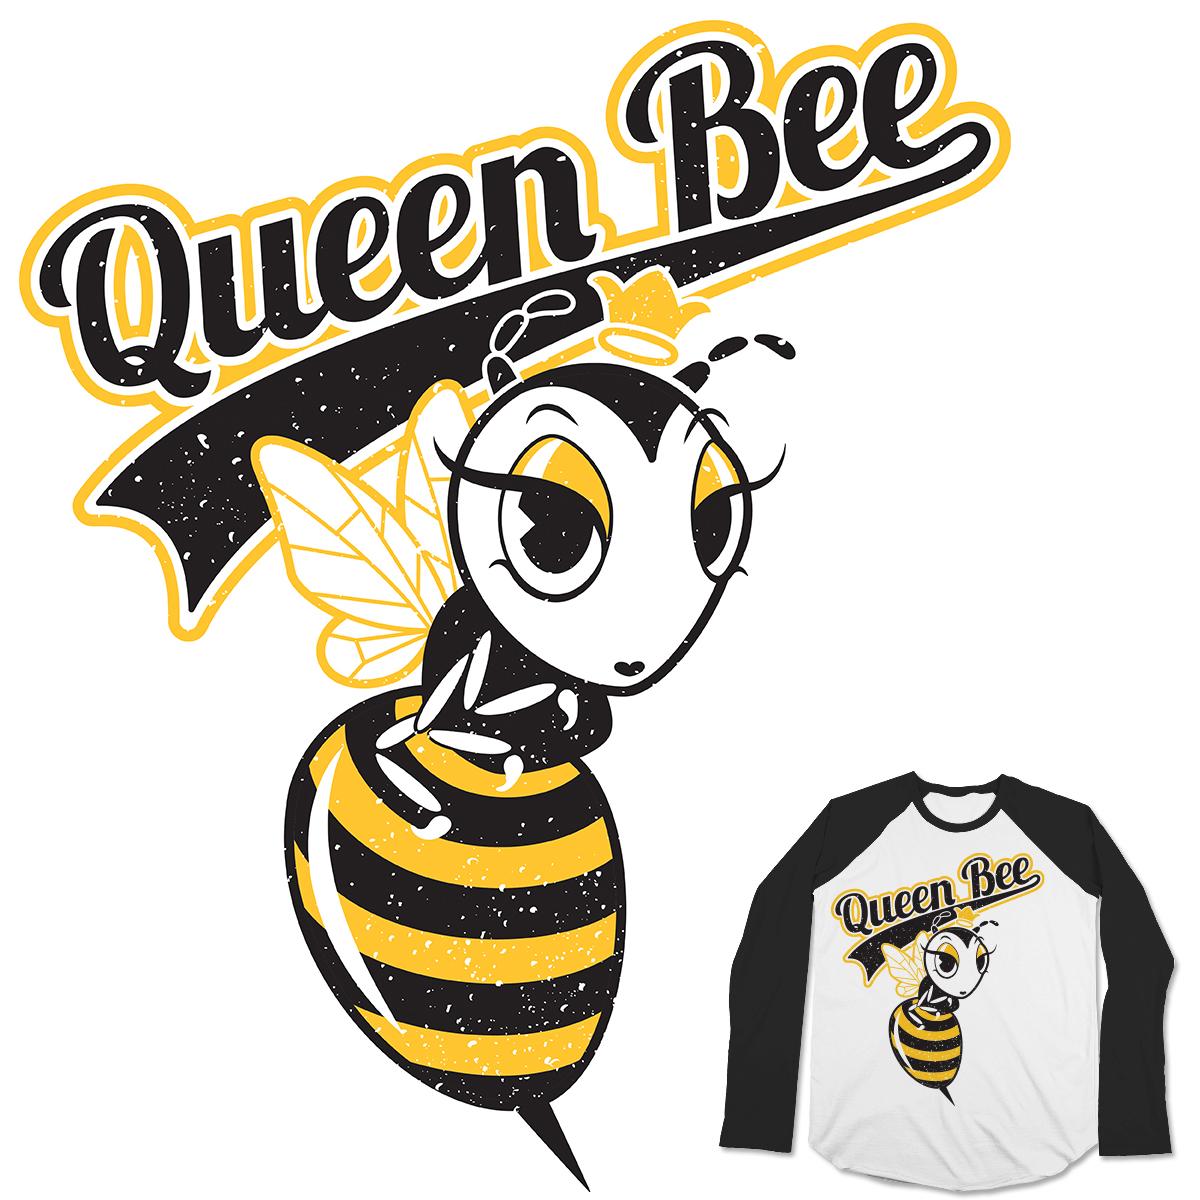 Queen bee cartoon clipart banner black and white download Free Queen Bee Cliparts, Download Free Clip Art, Free Clip ... banner black and white download